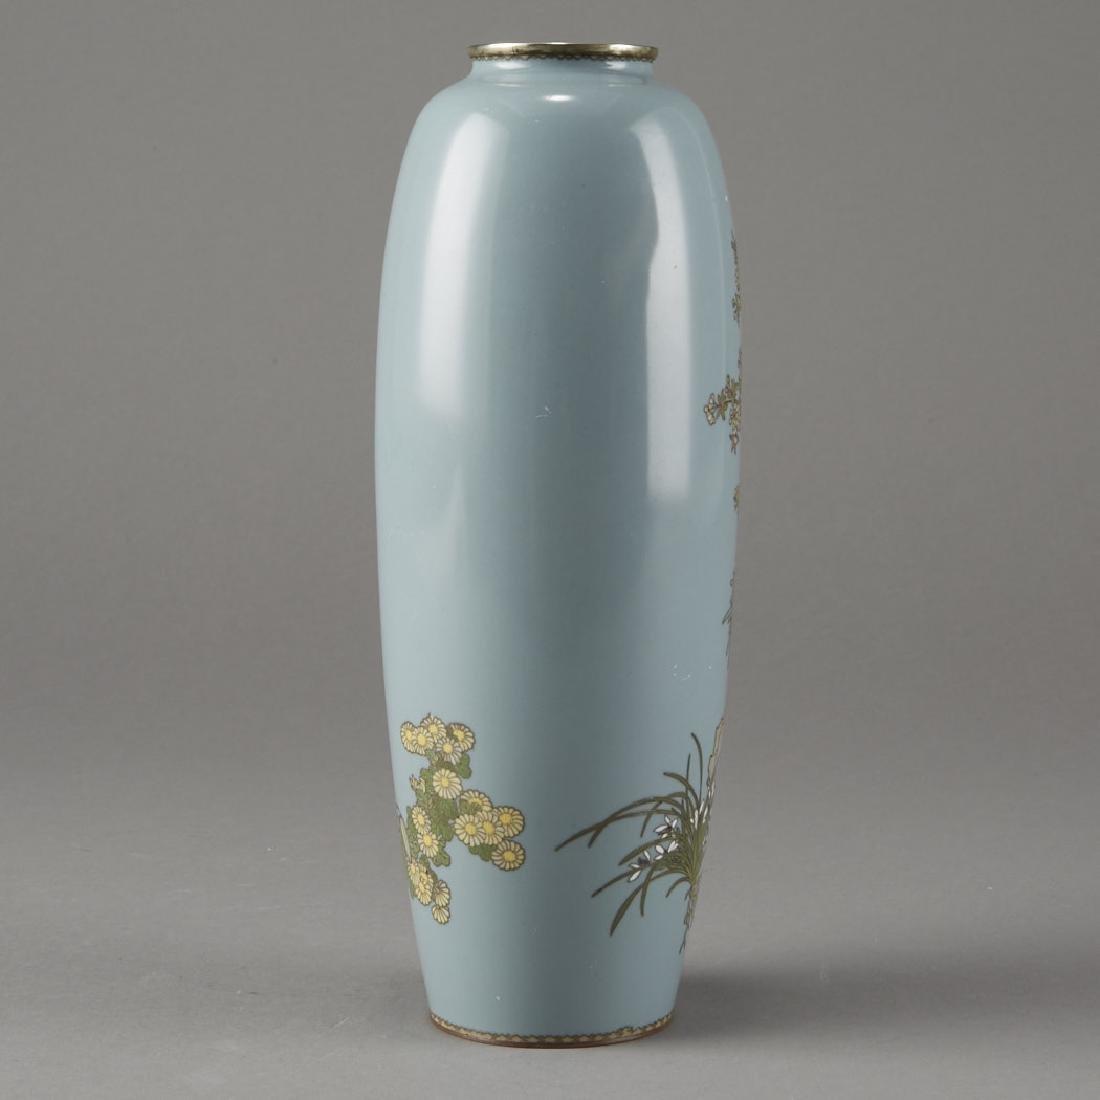 Japanese Cloisonne Vase after of Hayashi Kodenji - 3